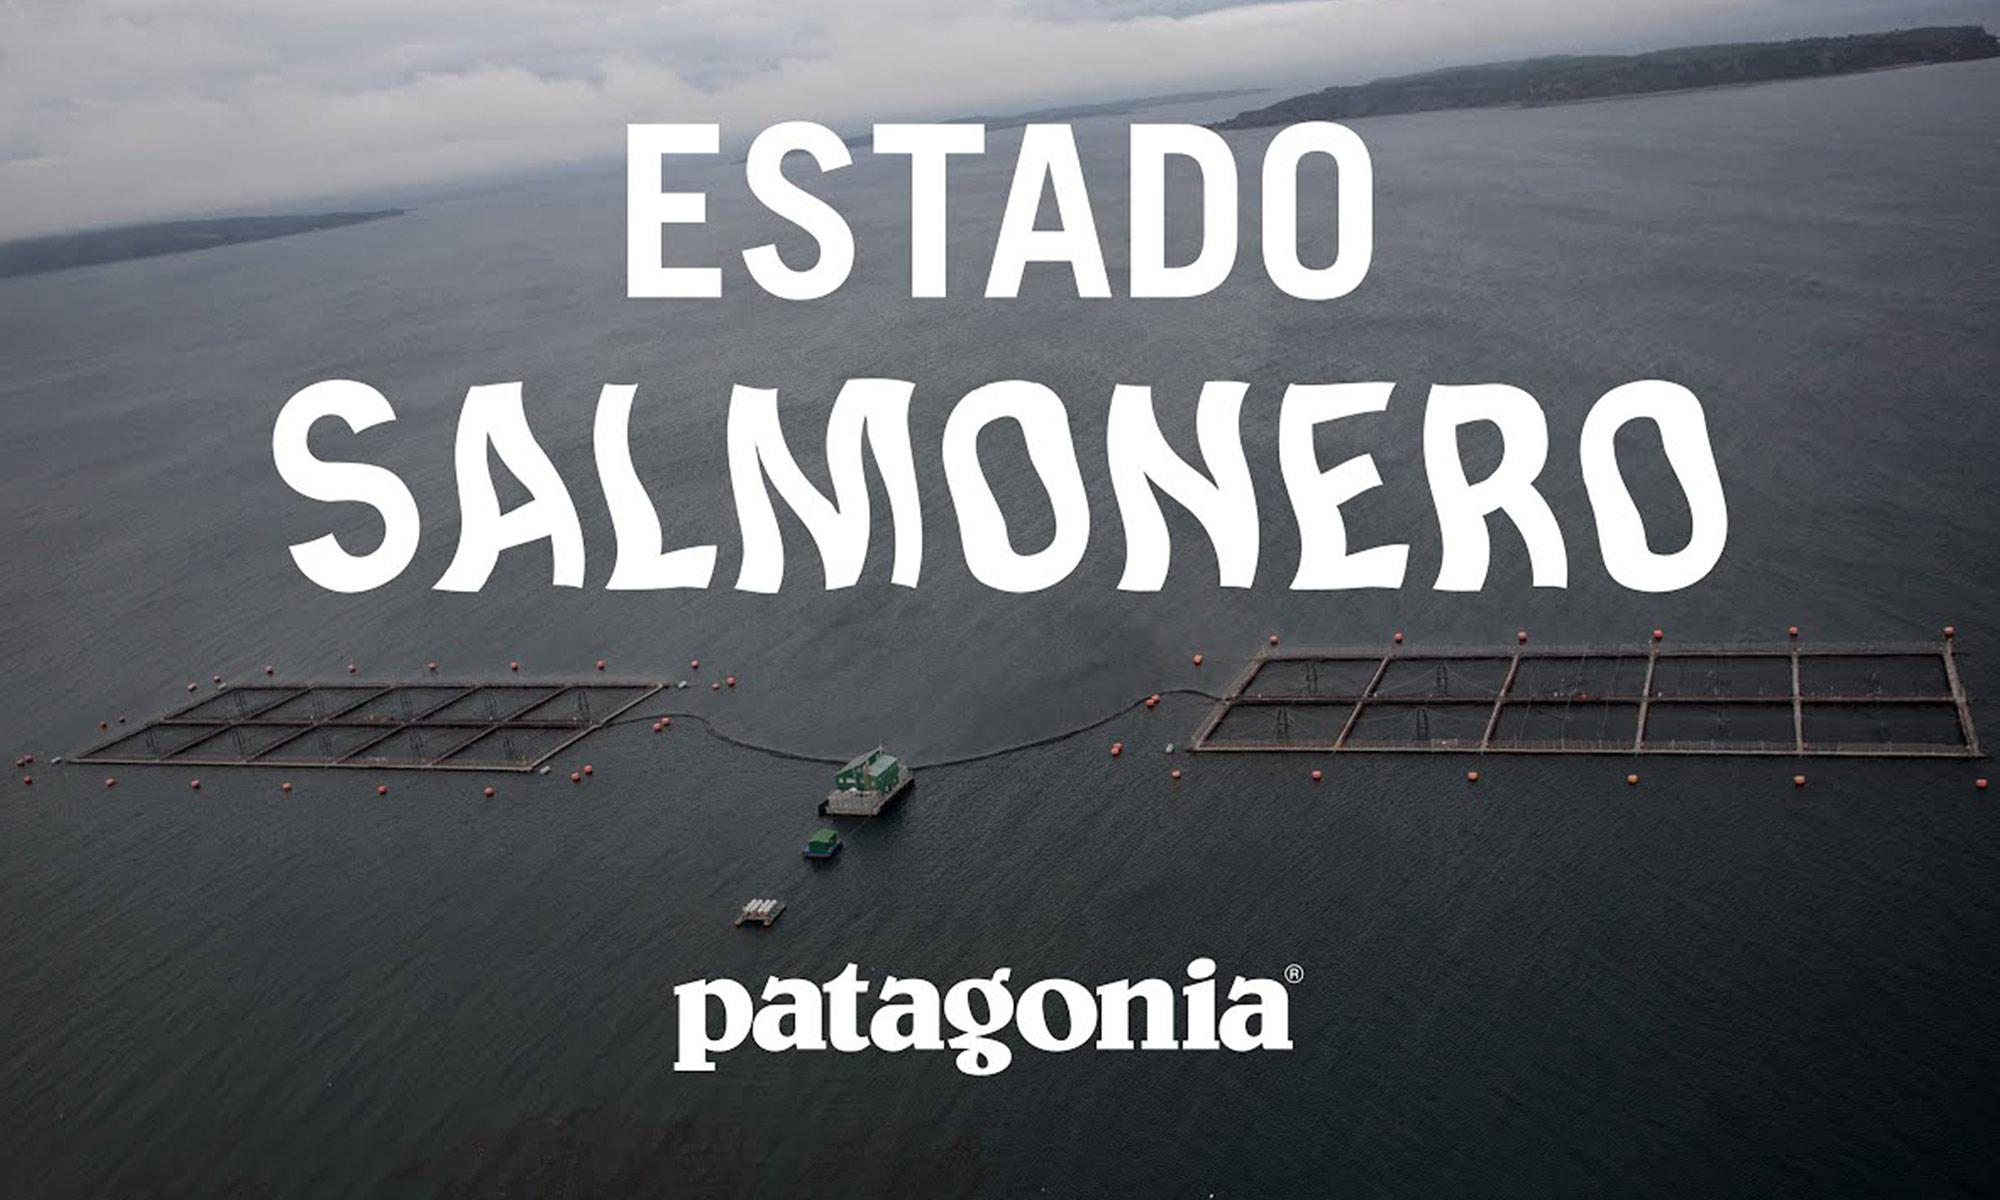 Estado Salmonero